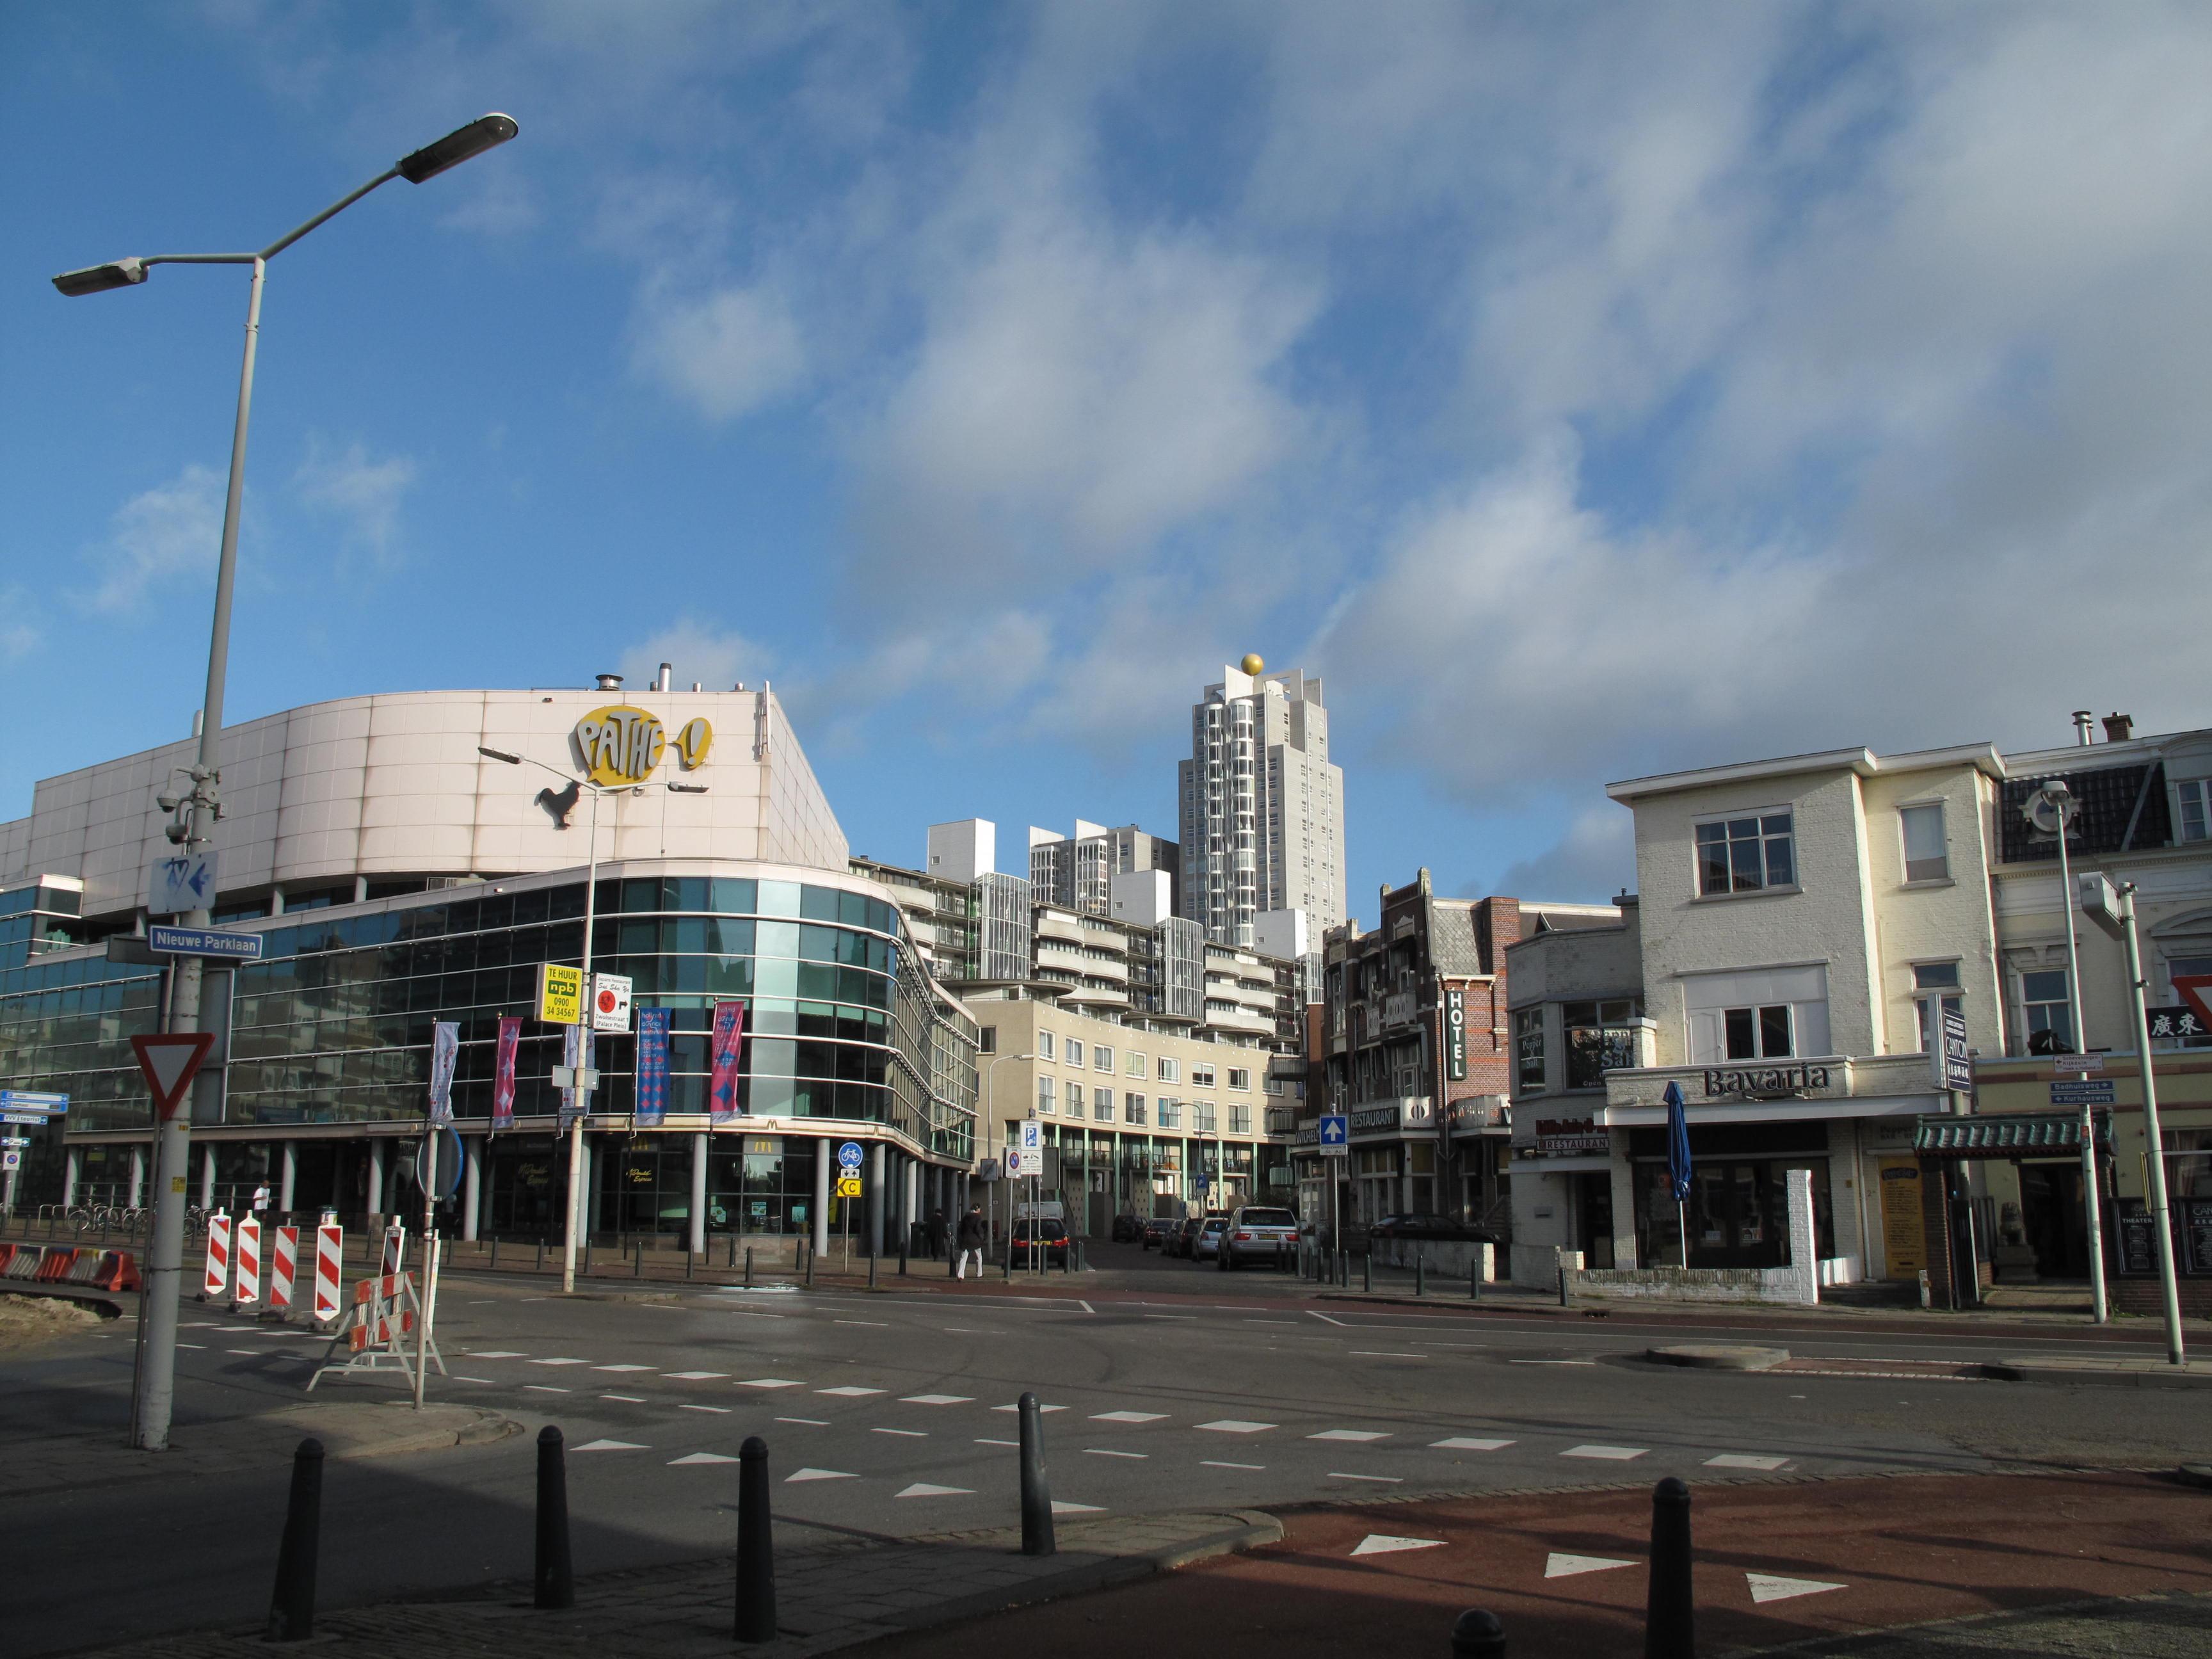 File Den Haag Scheveningen, straatzicht1 bij Kurhaus 2009 10 25 09 51 JPG   Wikimedia Commons